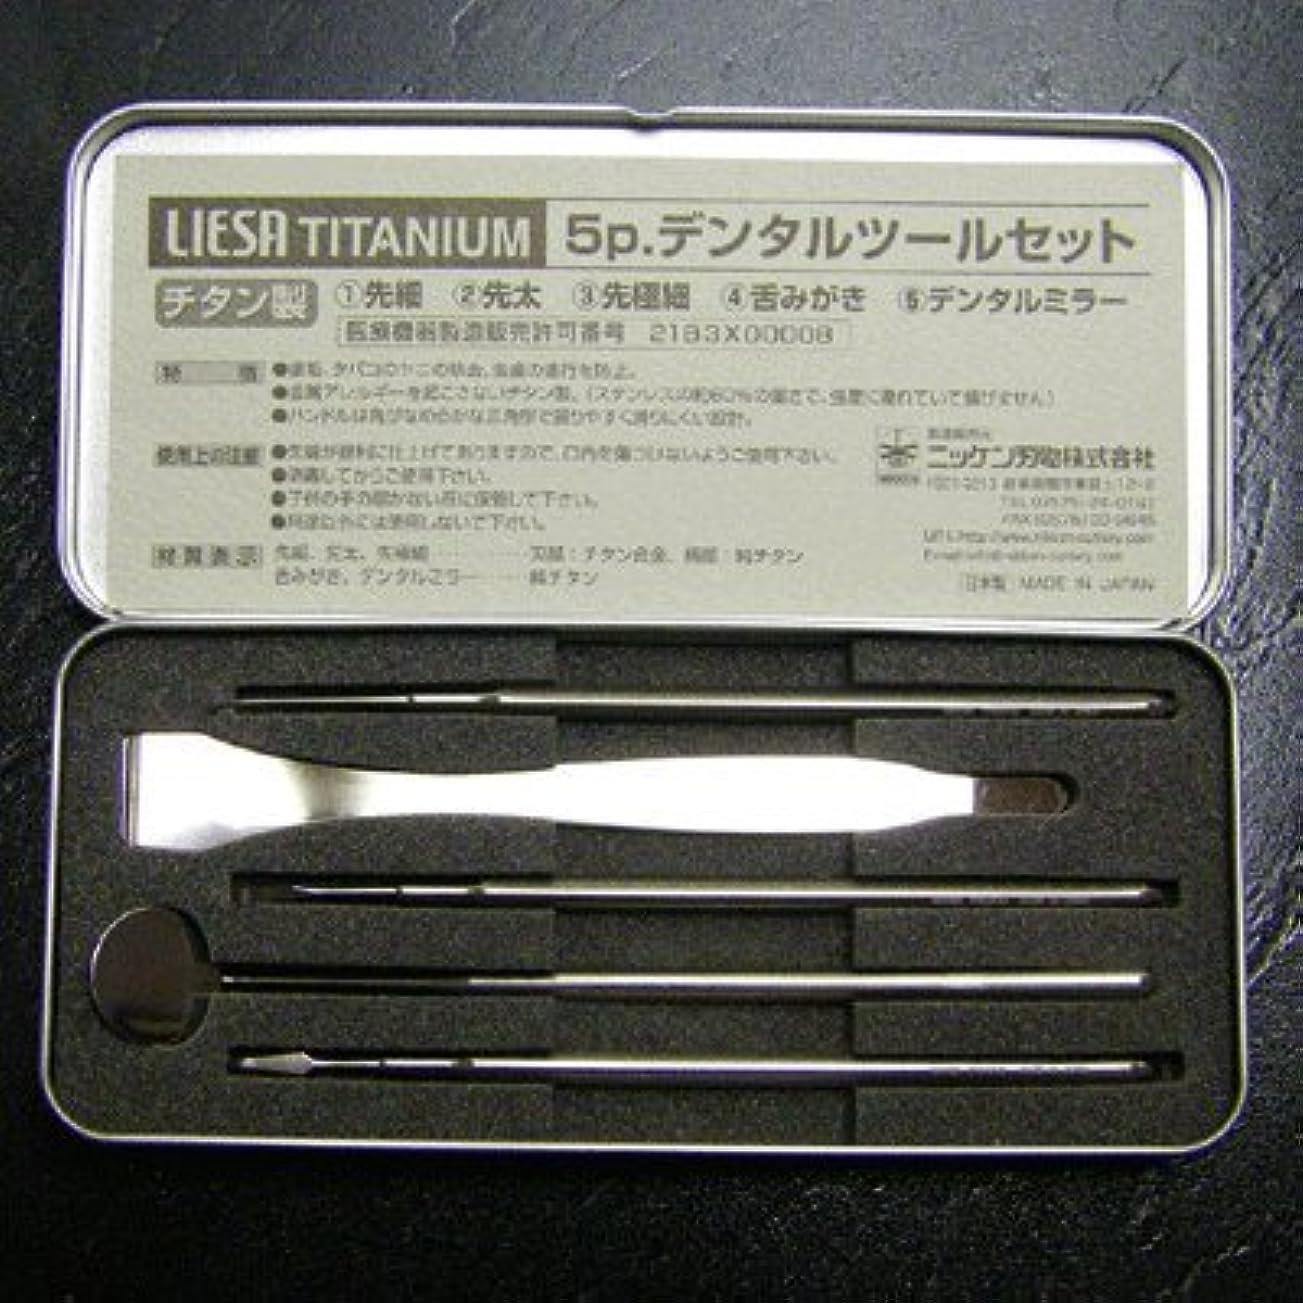 スタジアム隣接する合法岐阜県関の伝統 歯石取りデンタルケアセット チタン製